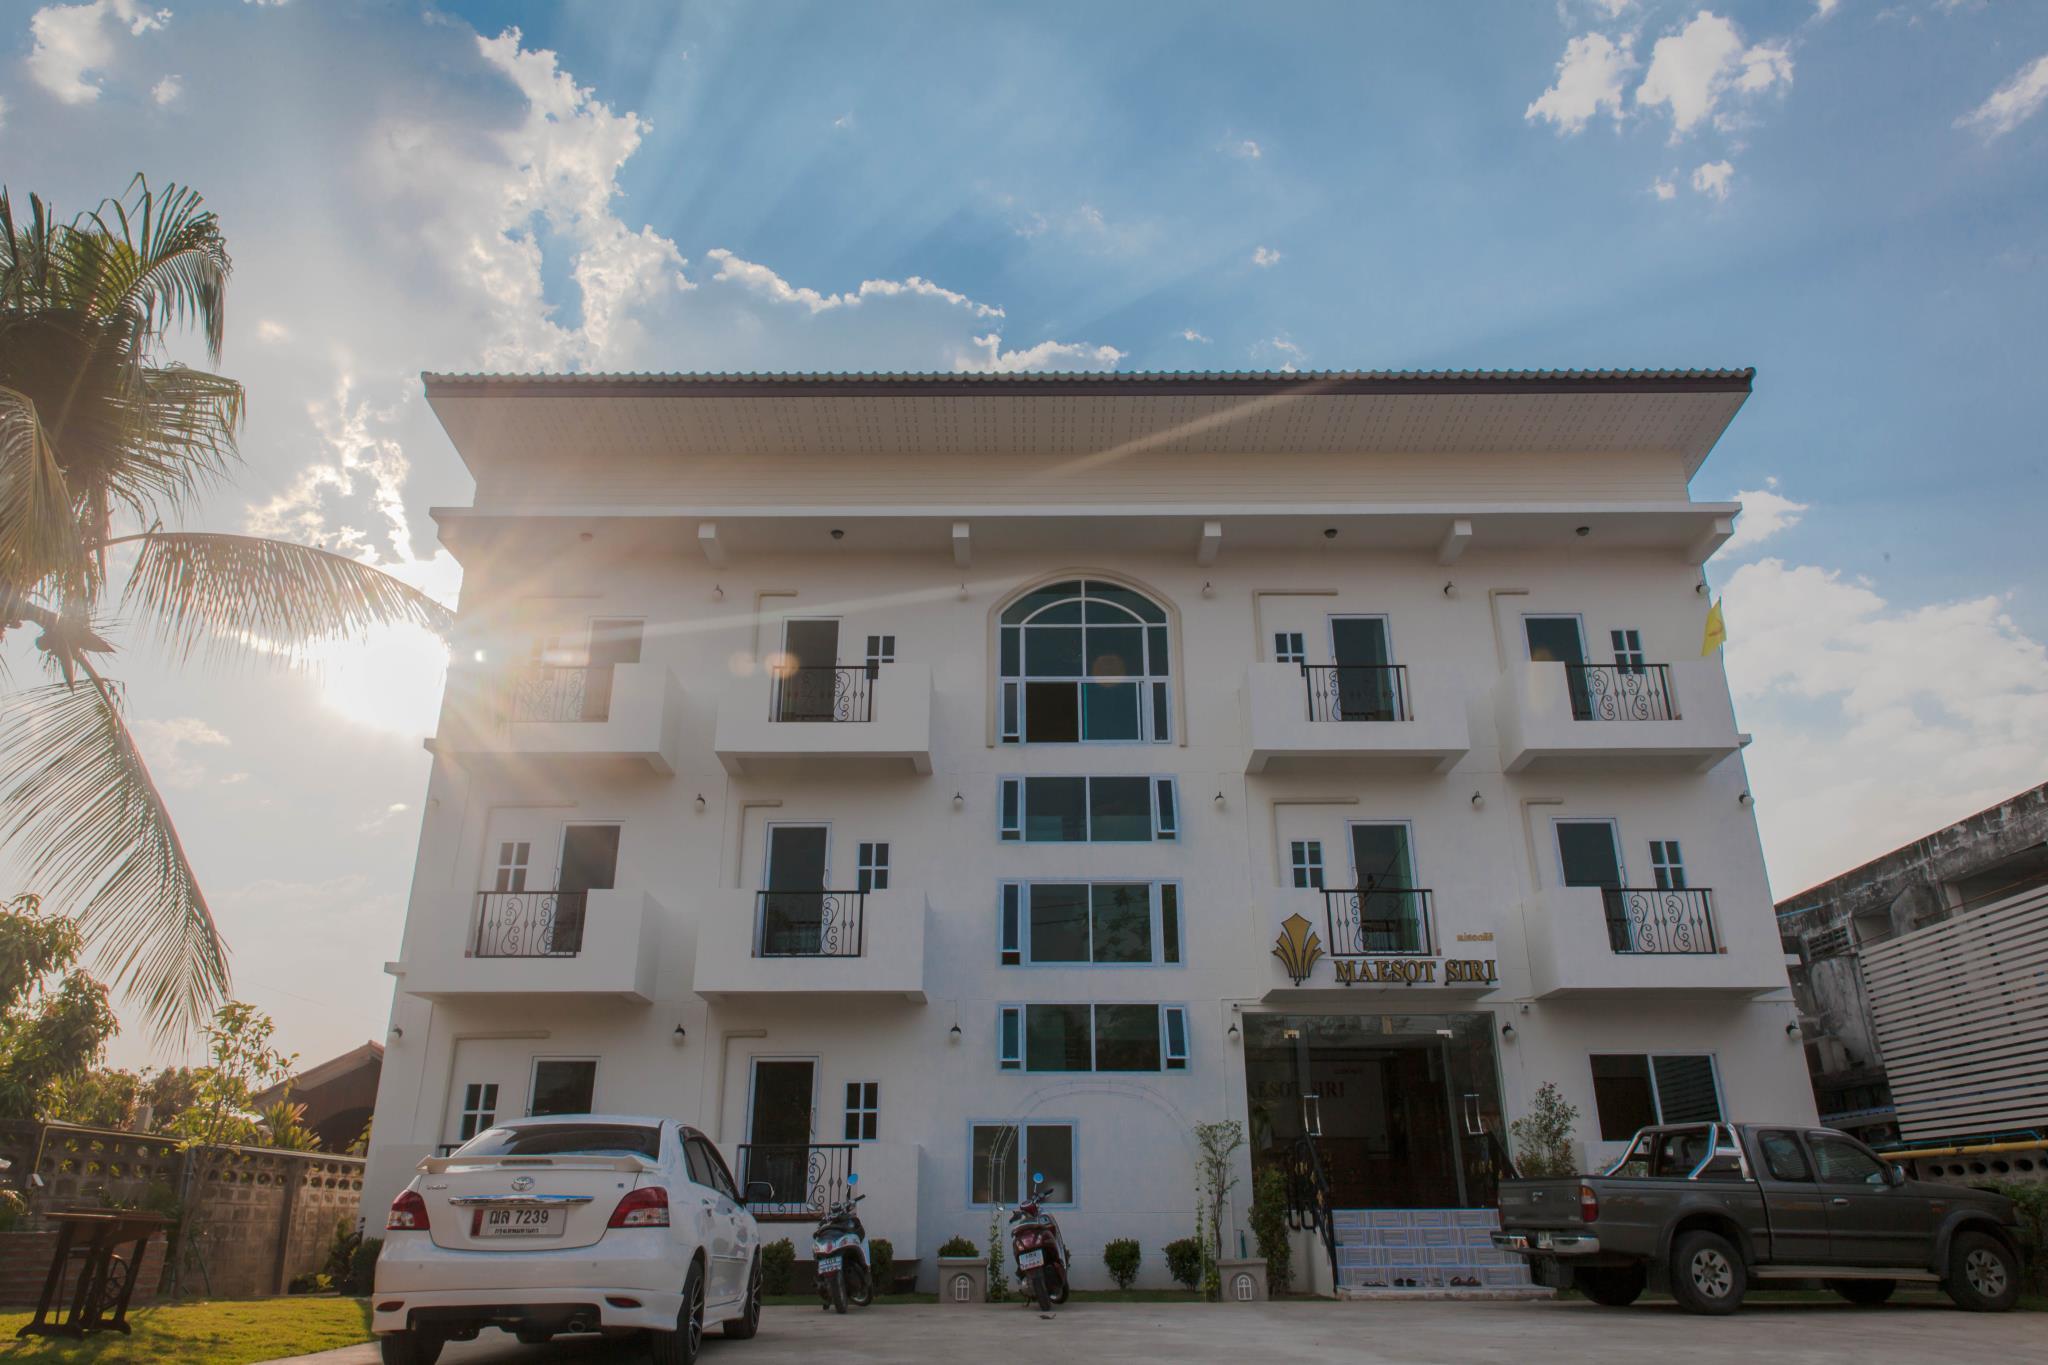 Maesot Siri Hotel